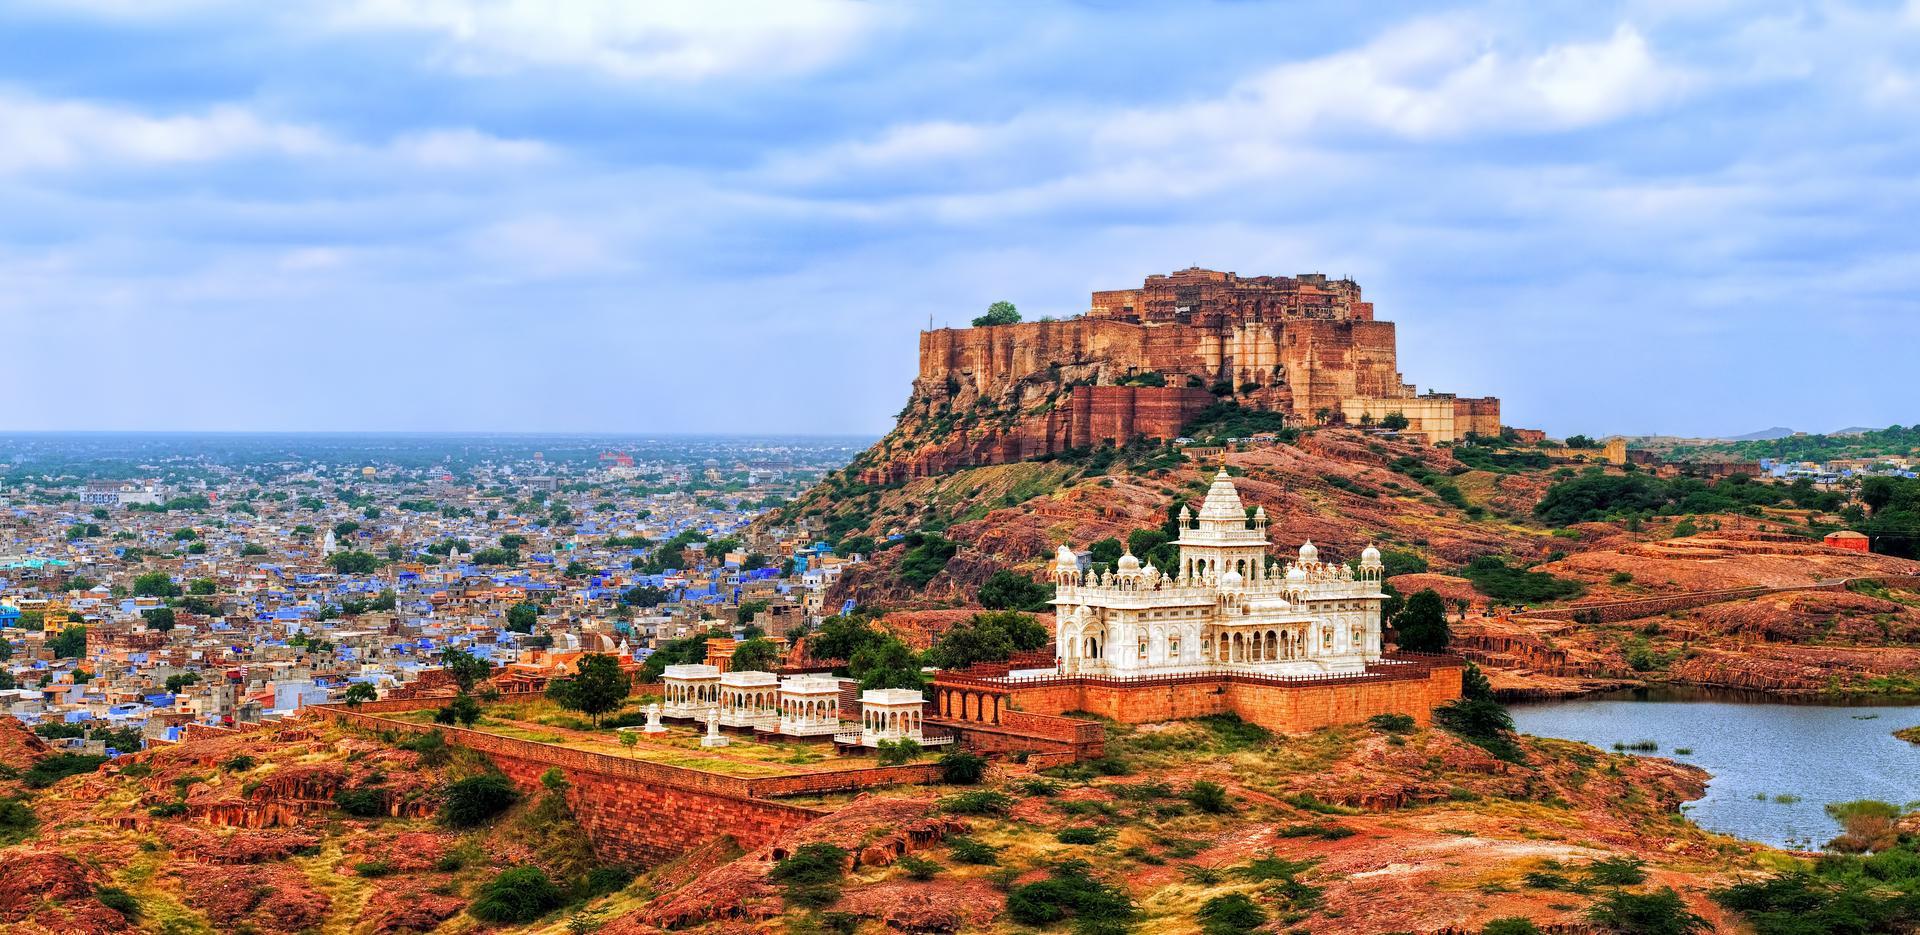 Jodhpur, Rajasthan View